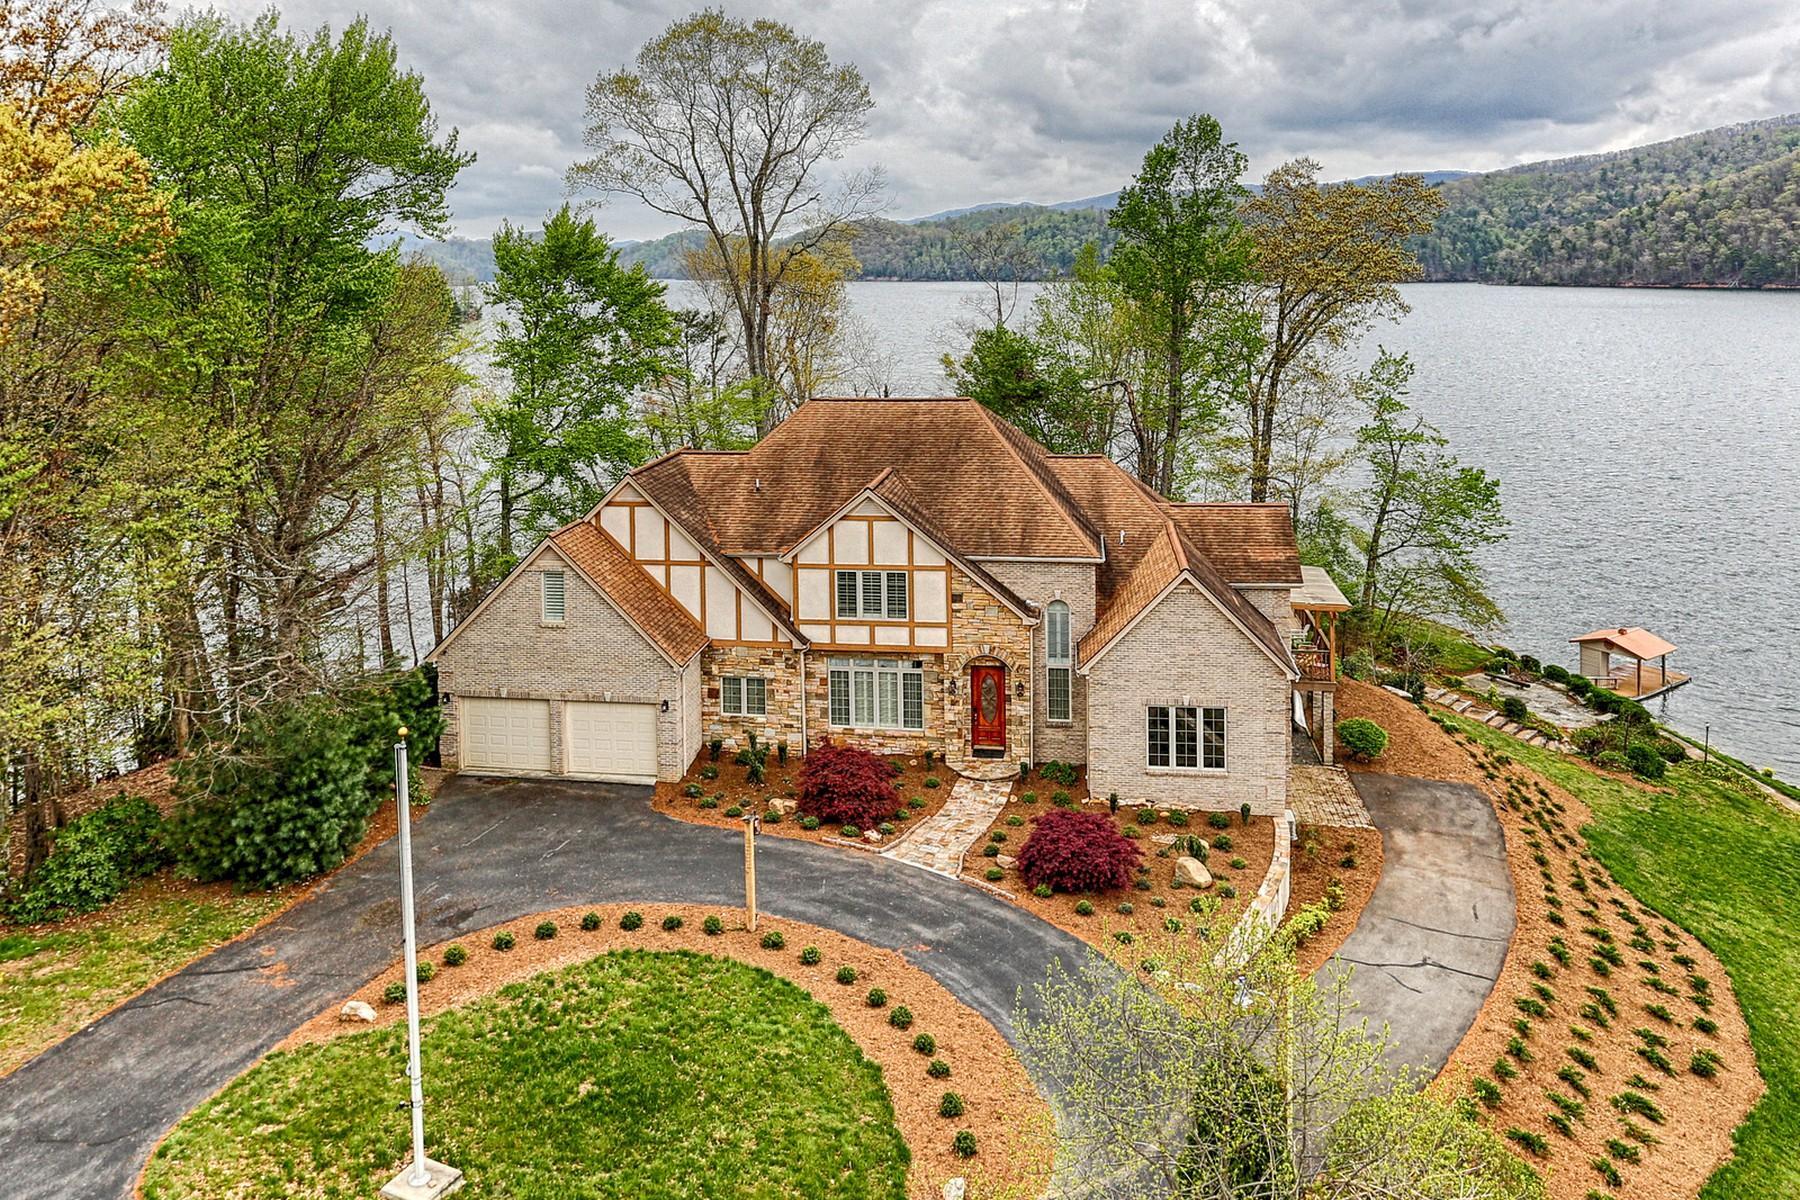 独户住宅 为 销售 在 640 Harbour Pointe Road 巴特勒, 田纳西州 37640 美国